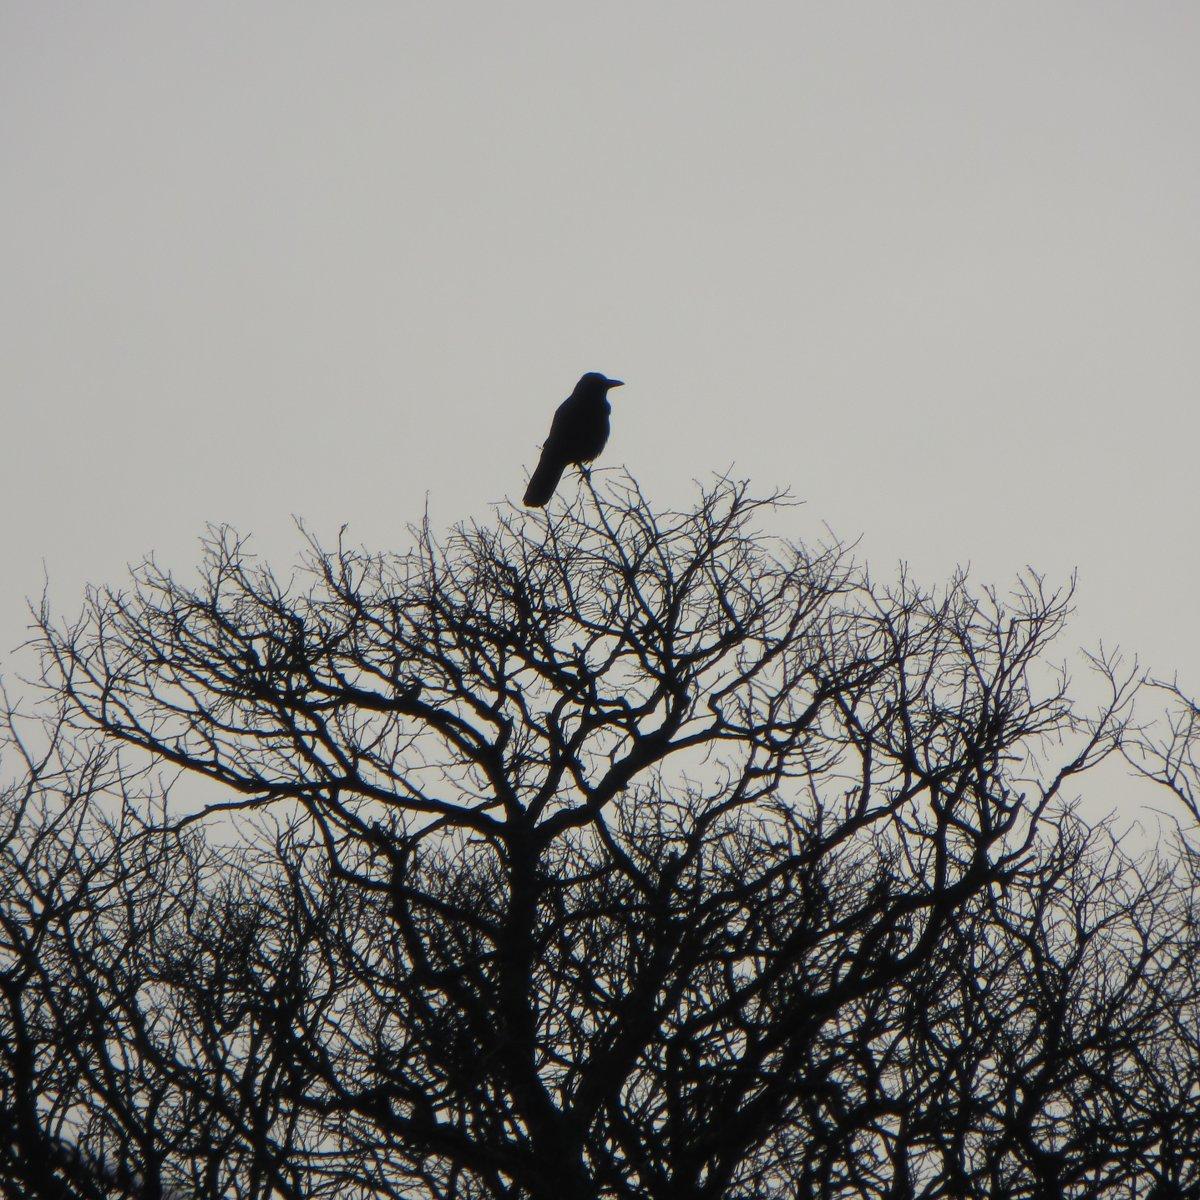 un oiseau perché au sommet de la canopée